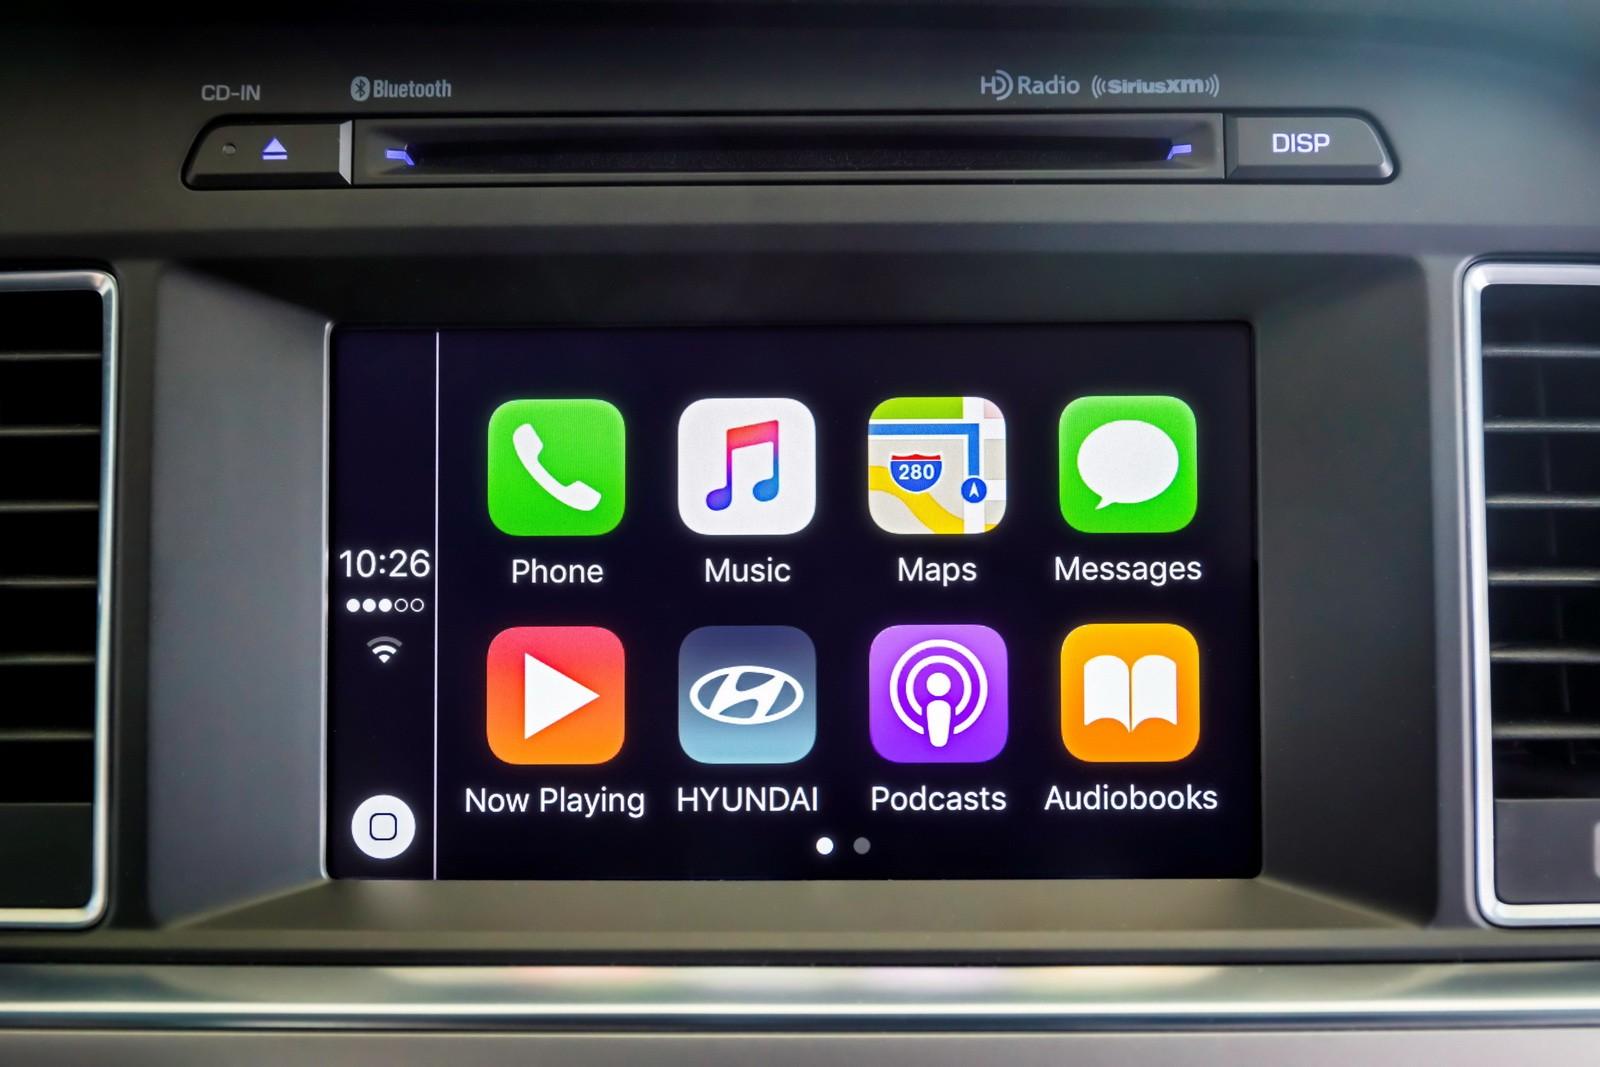 Màn Hình DVD winca s160 Chạy Android Cho Huyndai Sonata